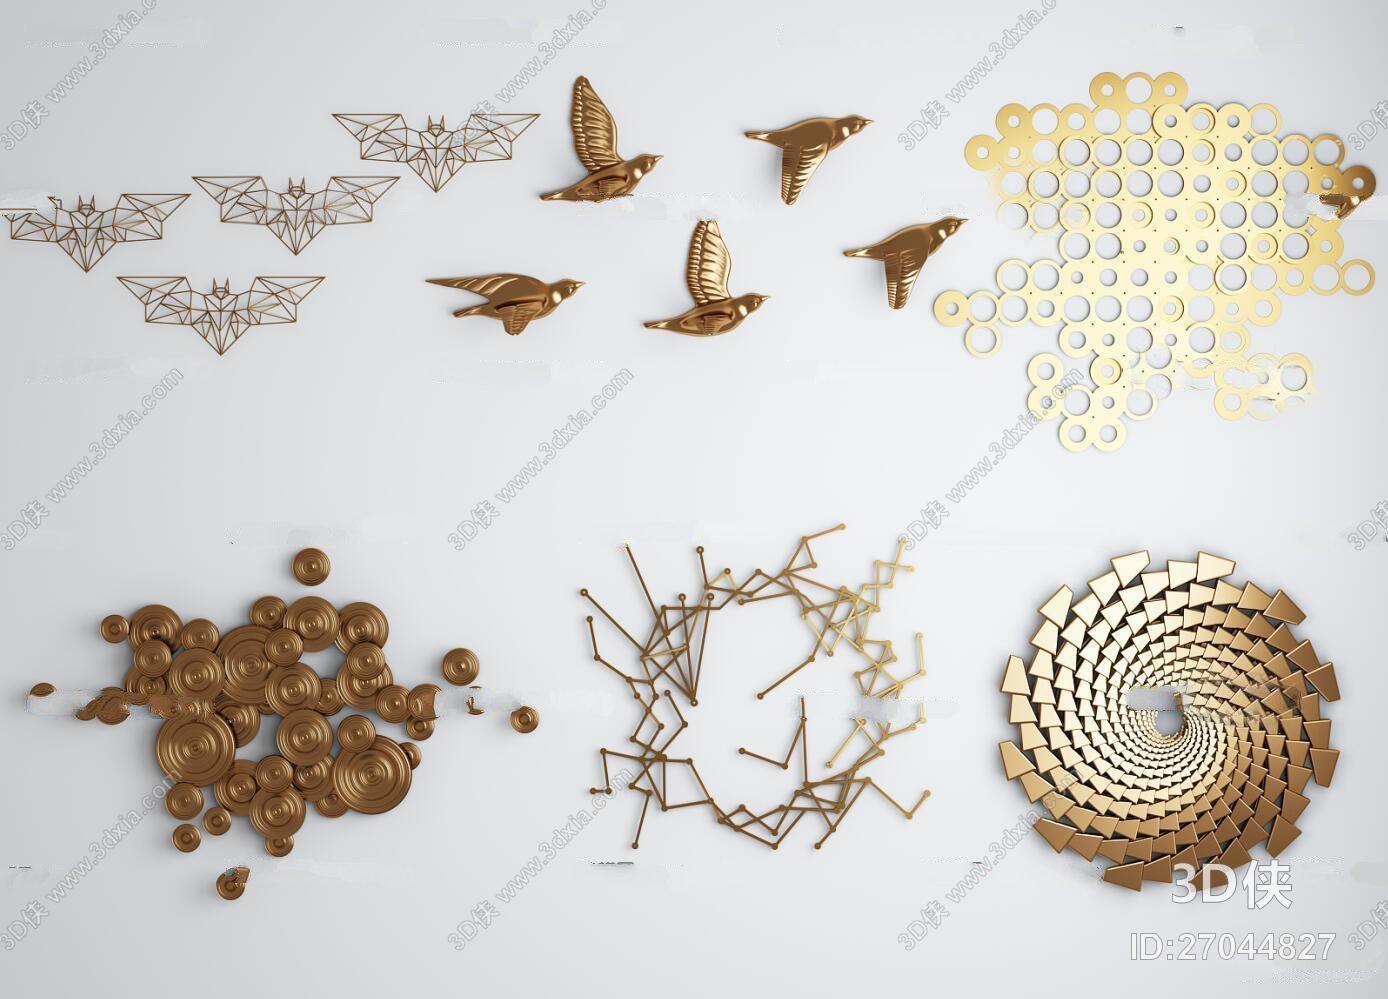 新中式飞鸟金属圆形状背景墙饰挂件组合3D模型